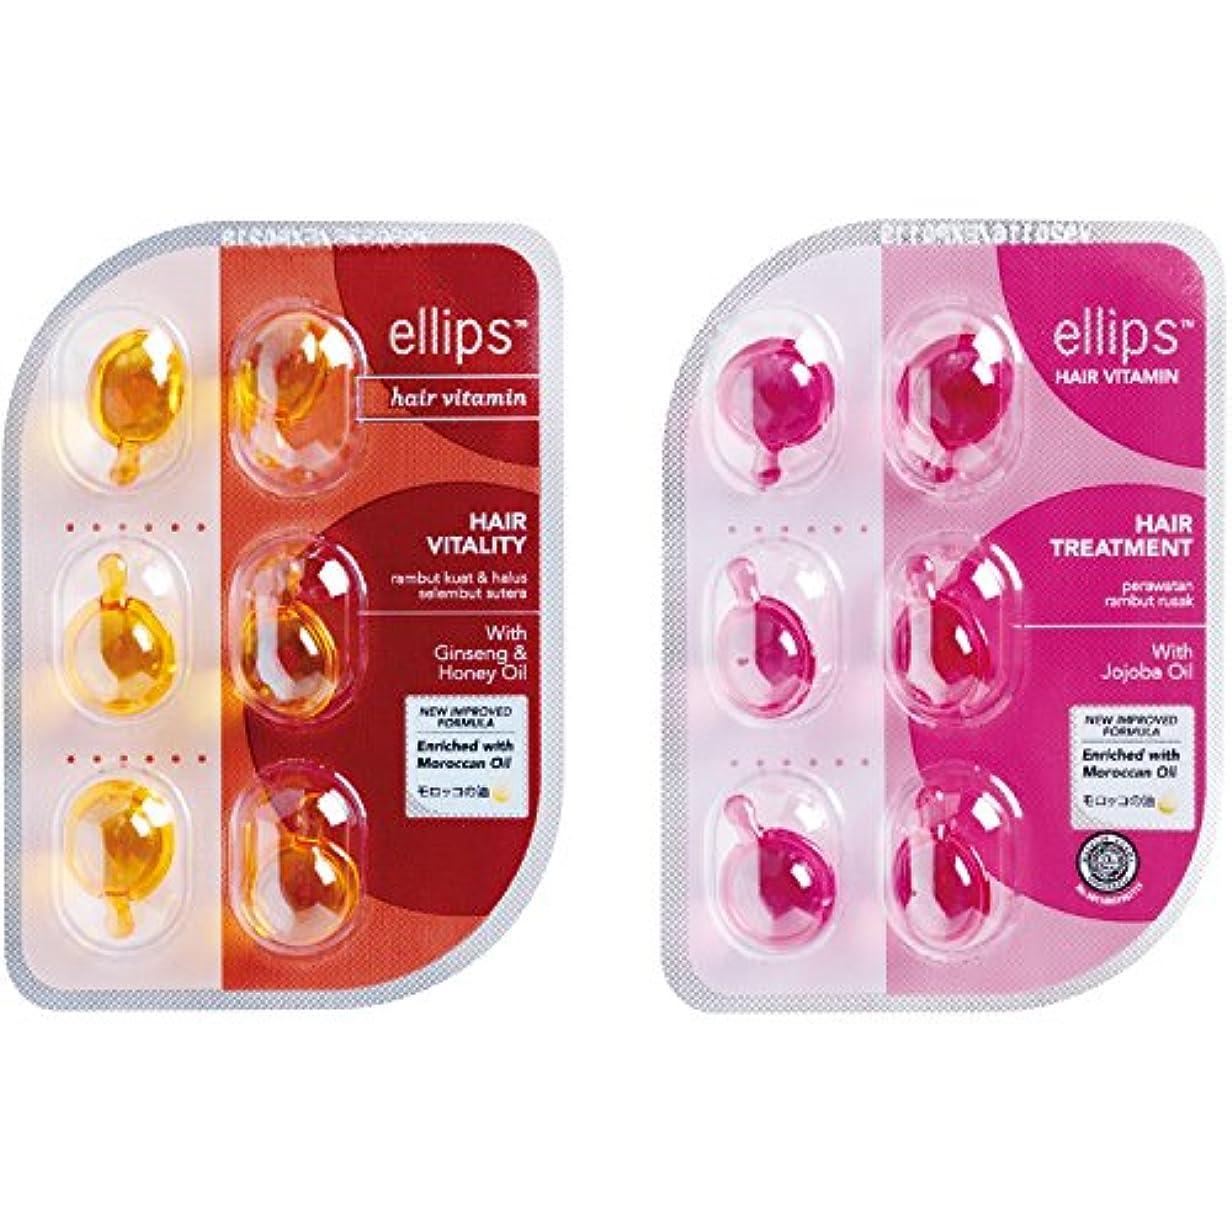 整然としたレタッチ素晴らしさ[ym] エリップス Ellips ヘアビタミン 6粒入り シートタイプ 洗い流さない トリートメント (2シート(12粒), ダメージヘア用セット)